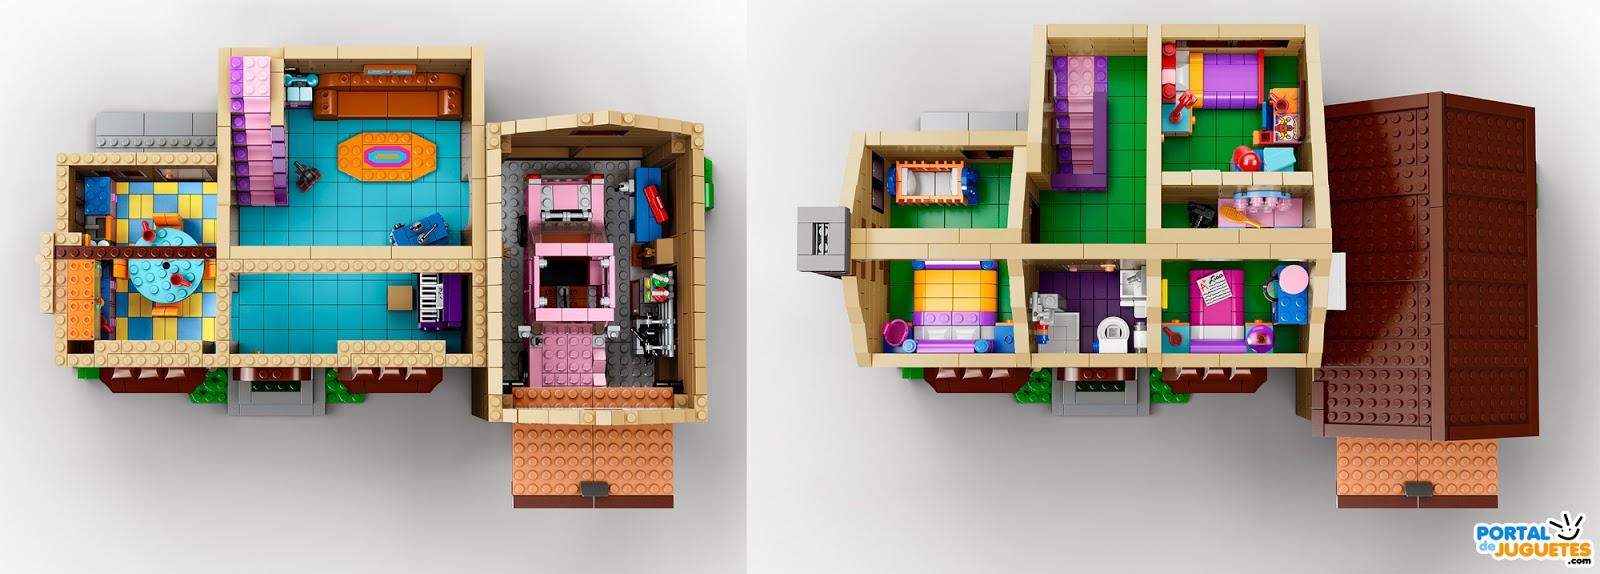 los simpsons lego casa